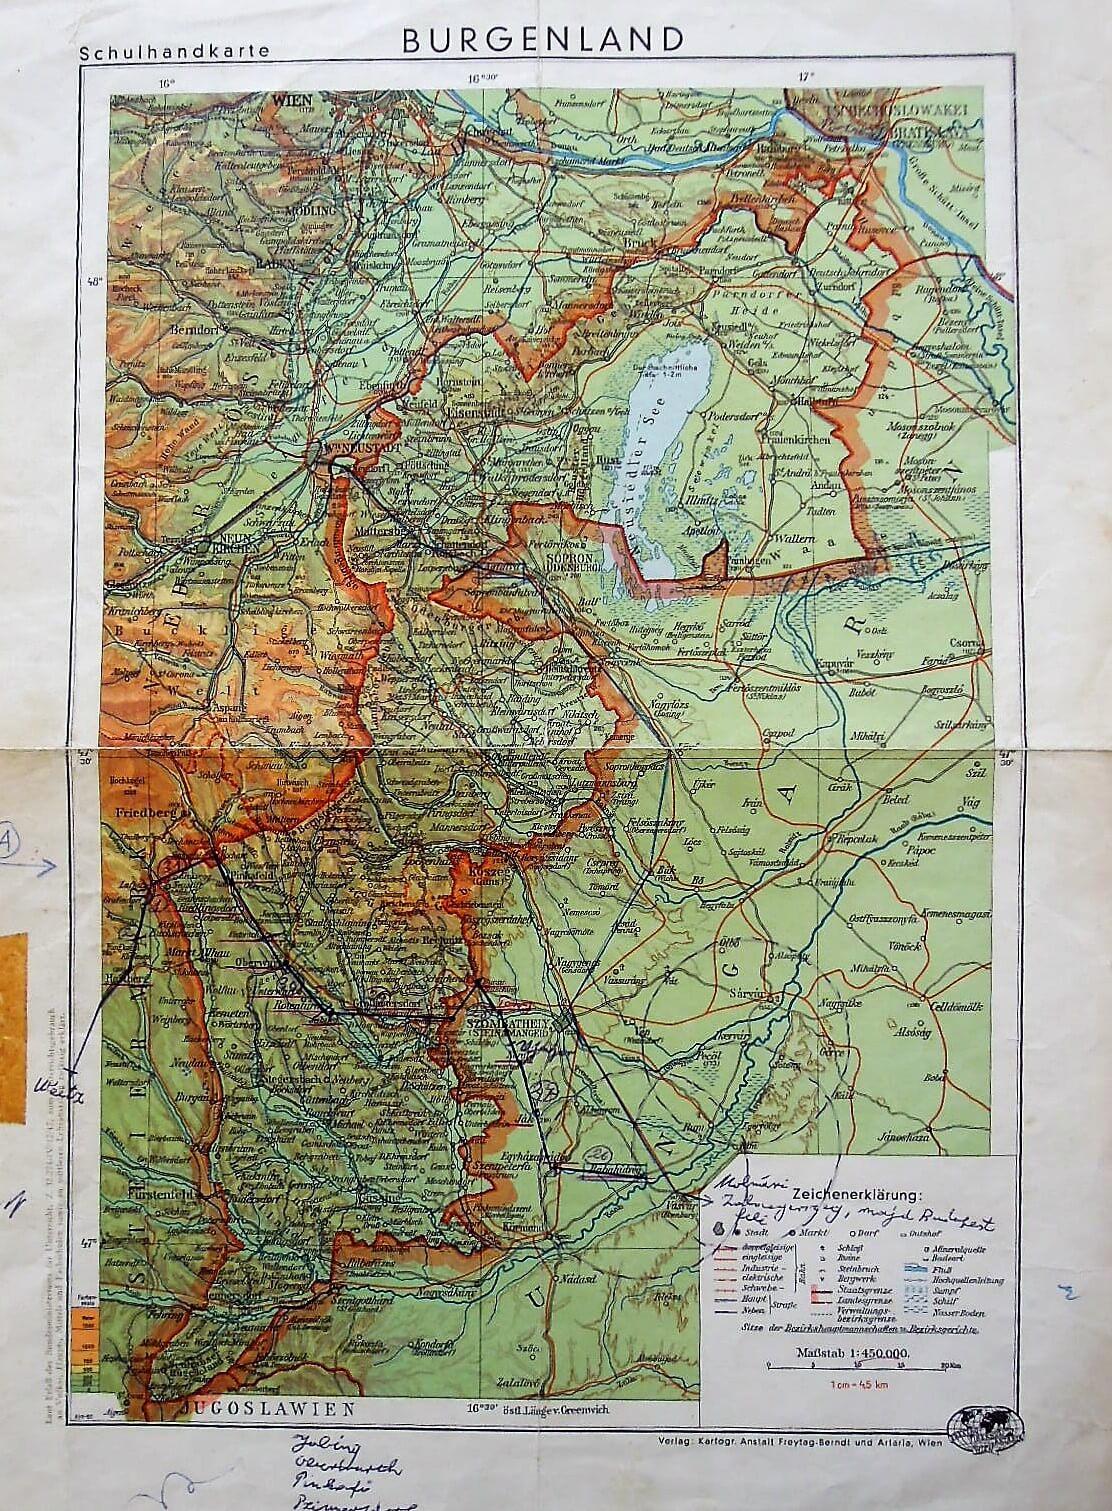 Burgenland Schulhandkarte régi térkép Ausztria